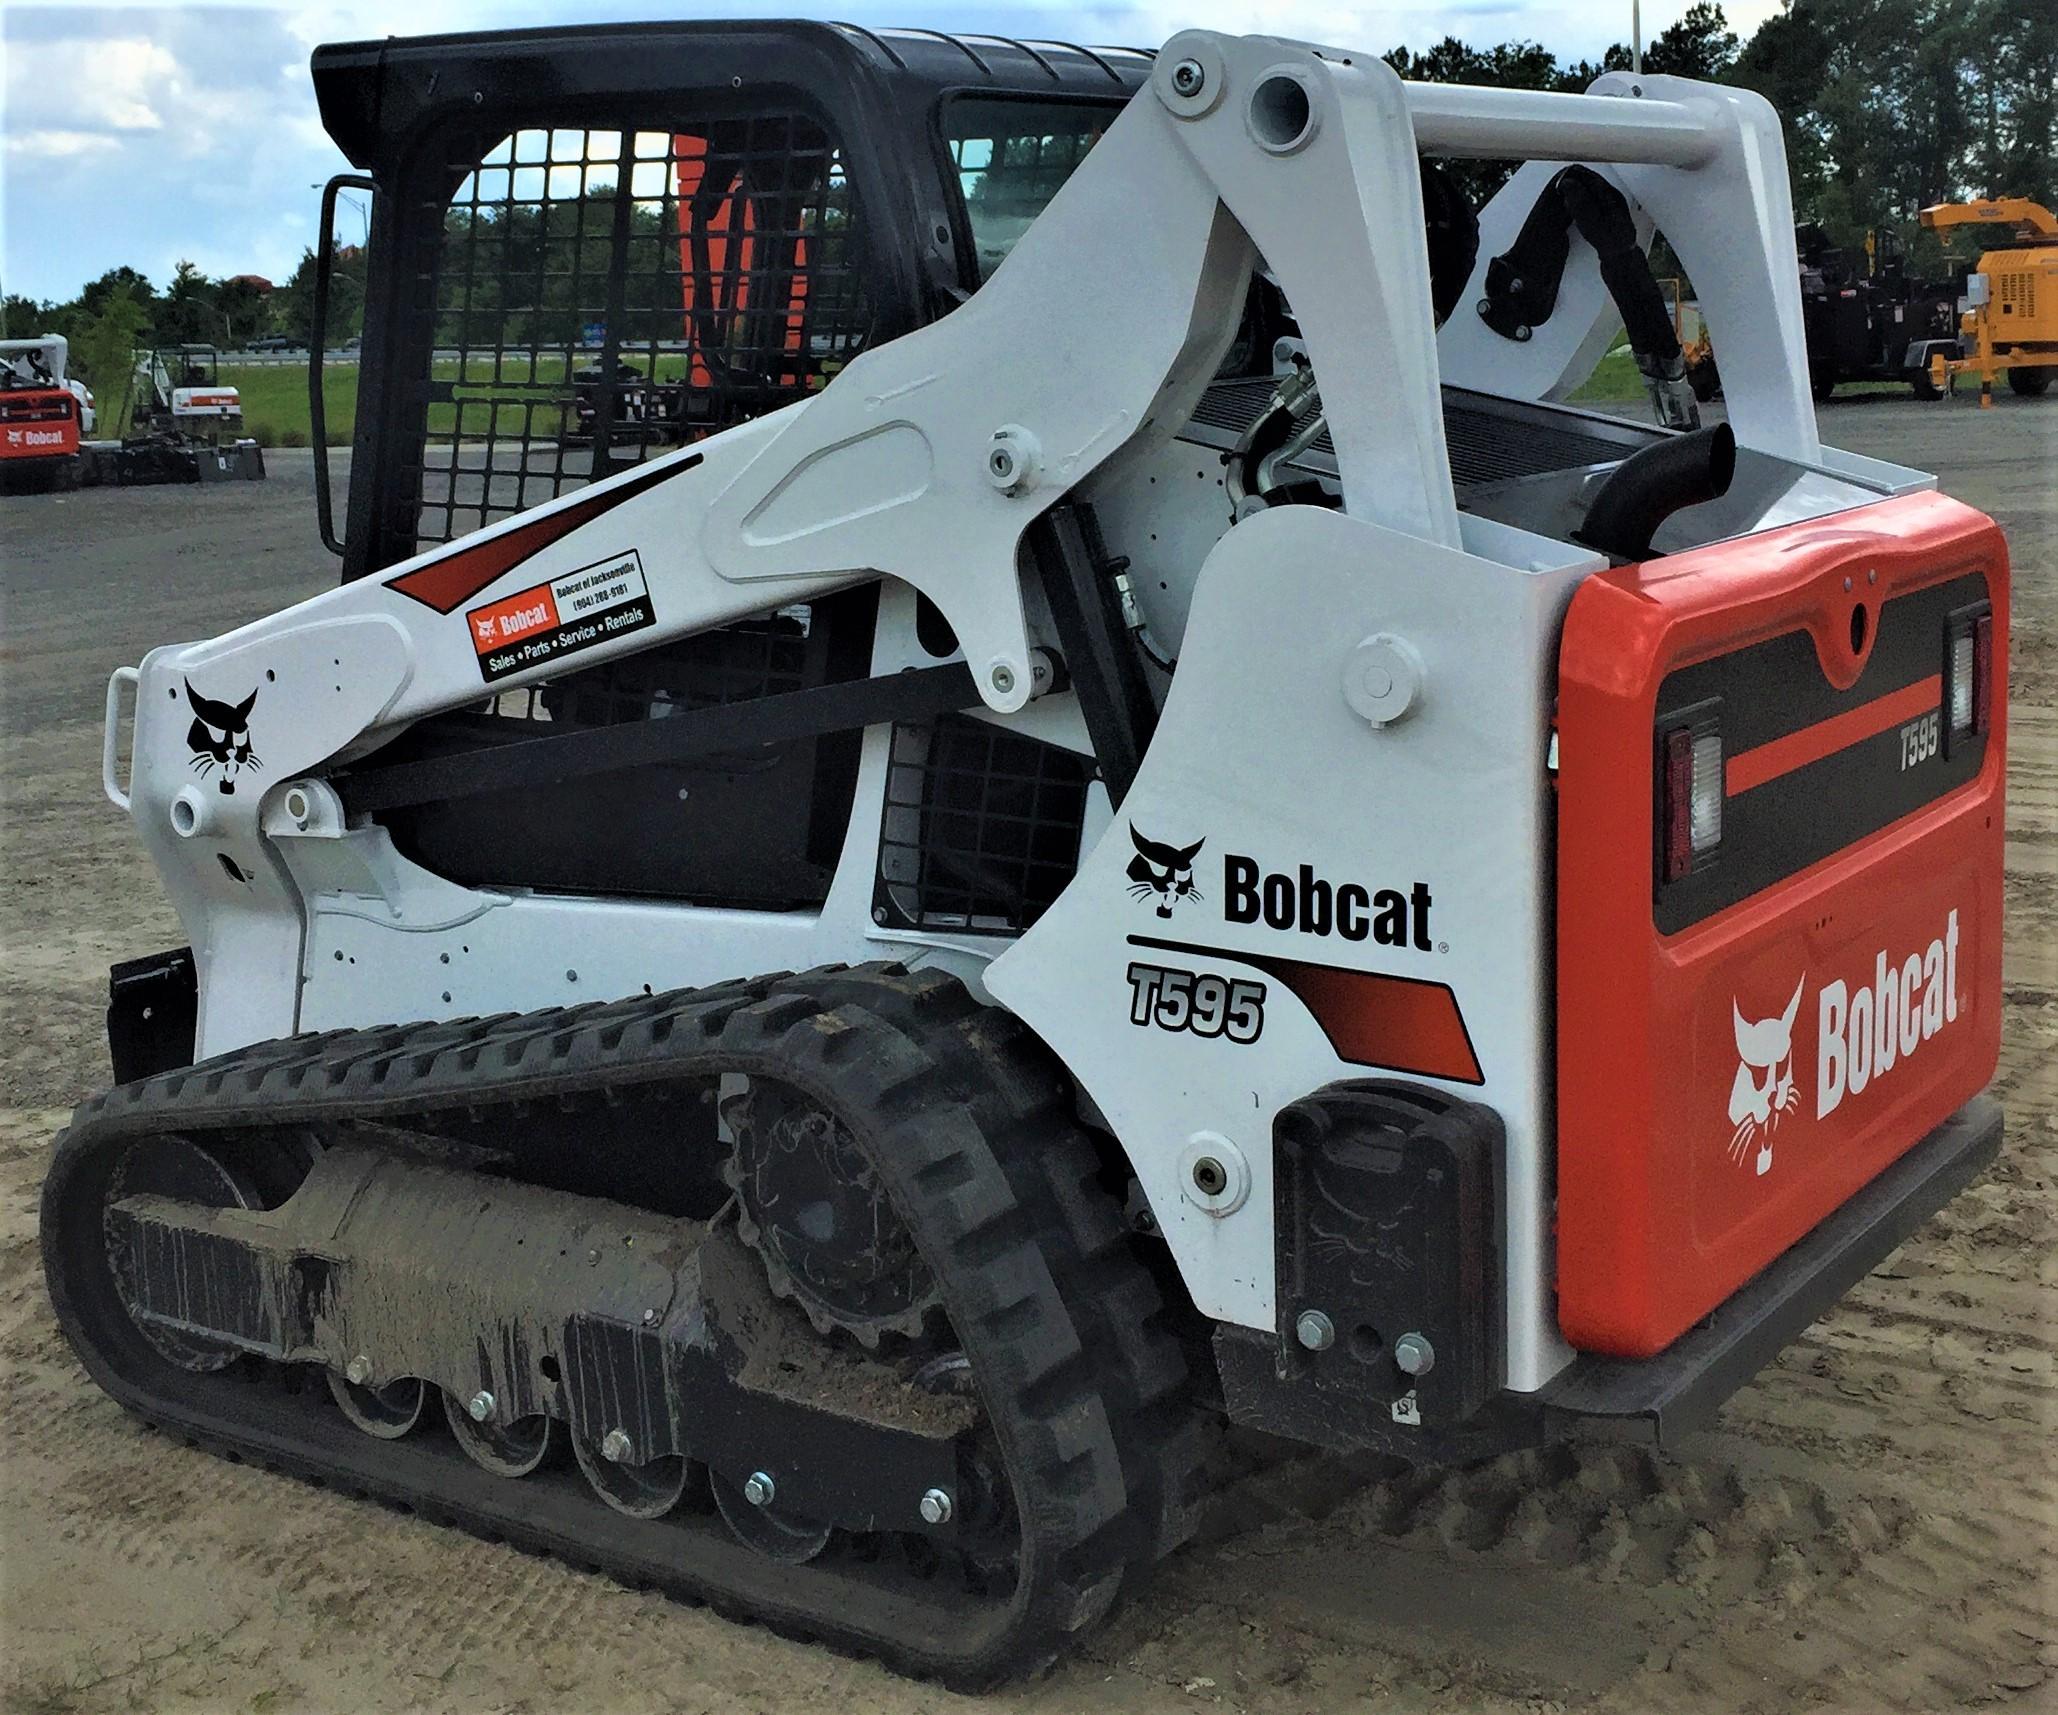 Used 2018 Bobcat T595 Standard in Jacksonville, FL